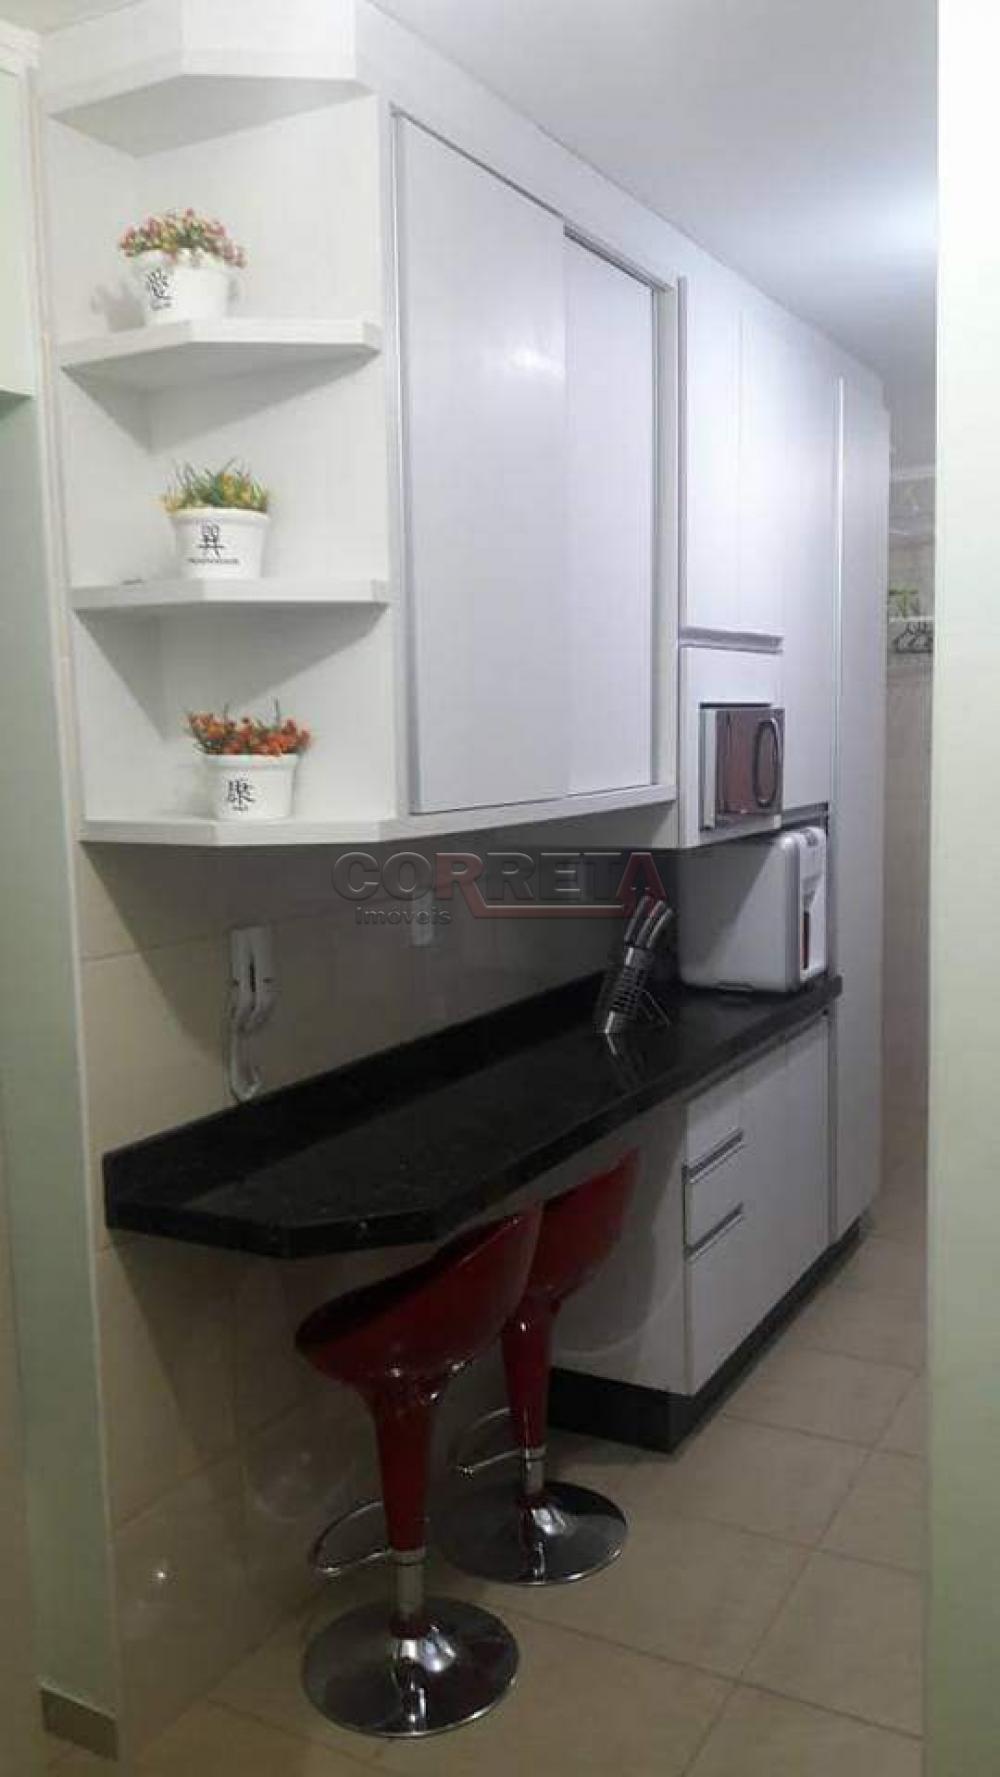 Comprar Apartamento / Padrão em Araçatuba apenas R$ 145.000,00 - Foto 8